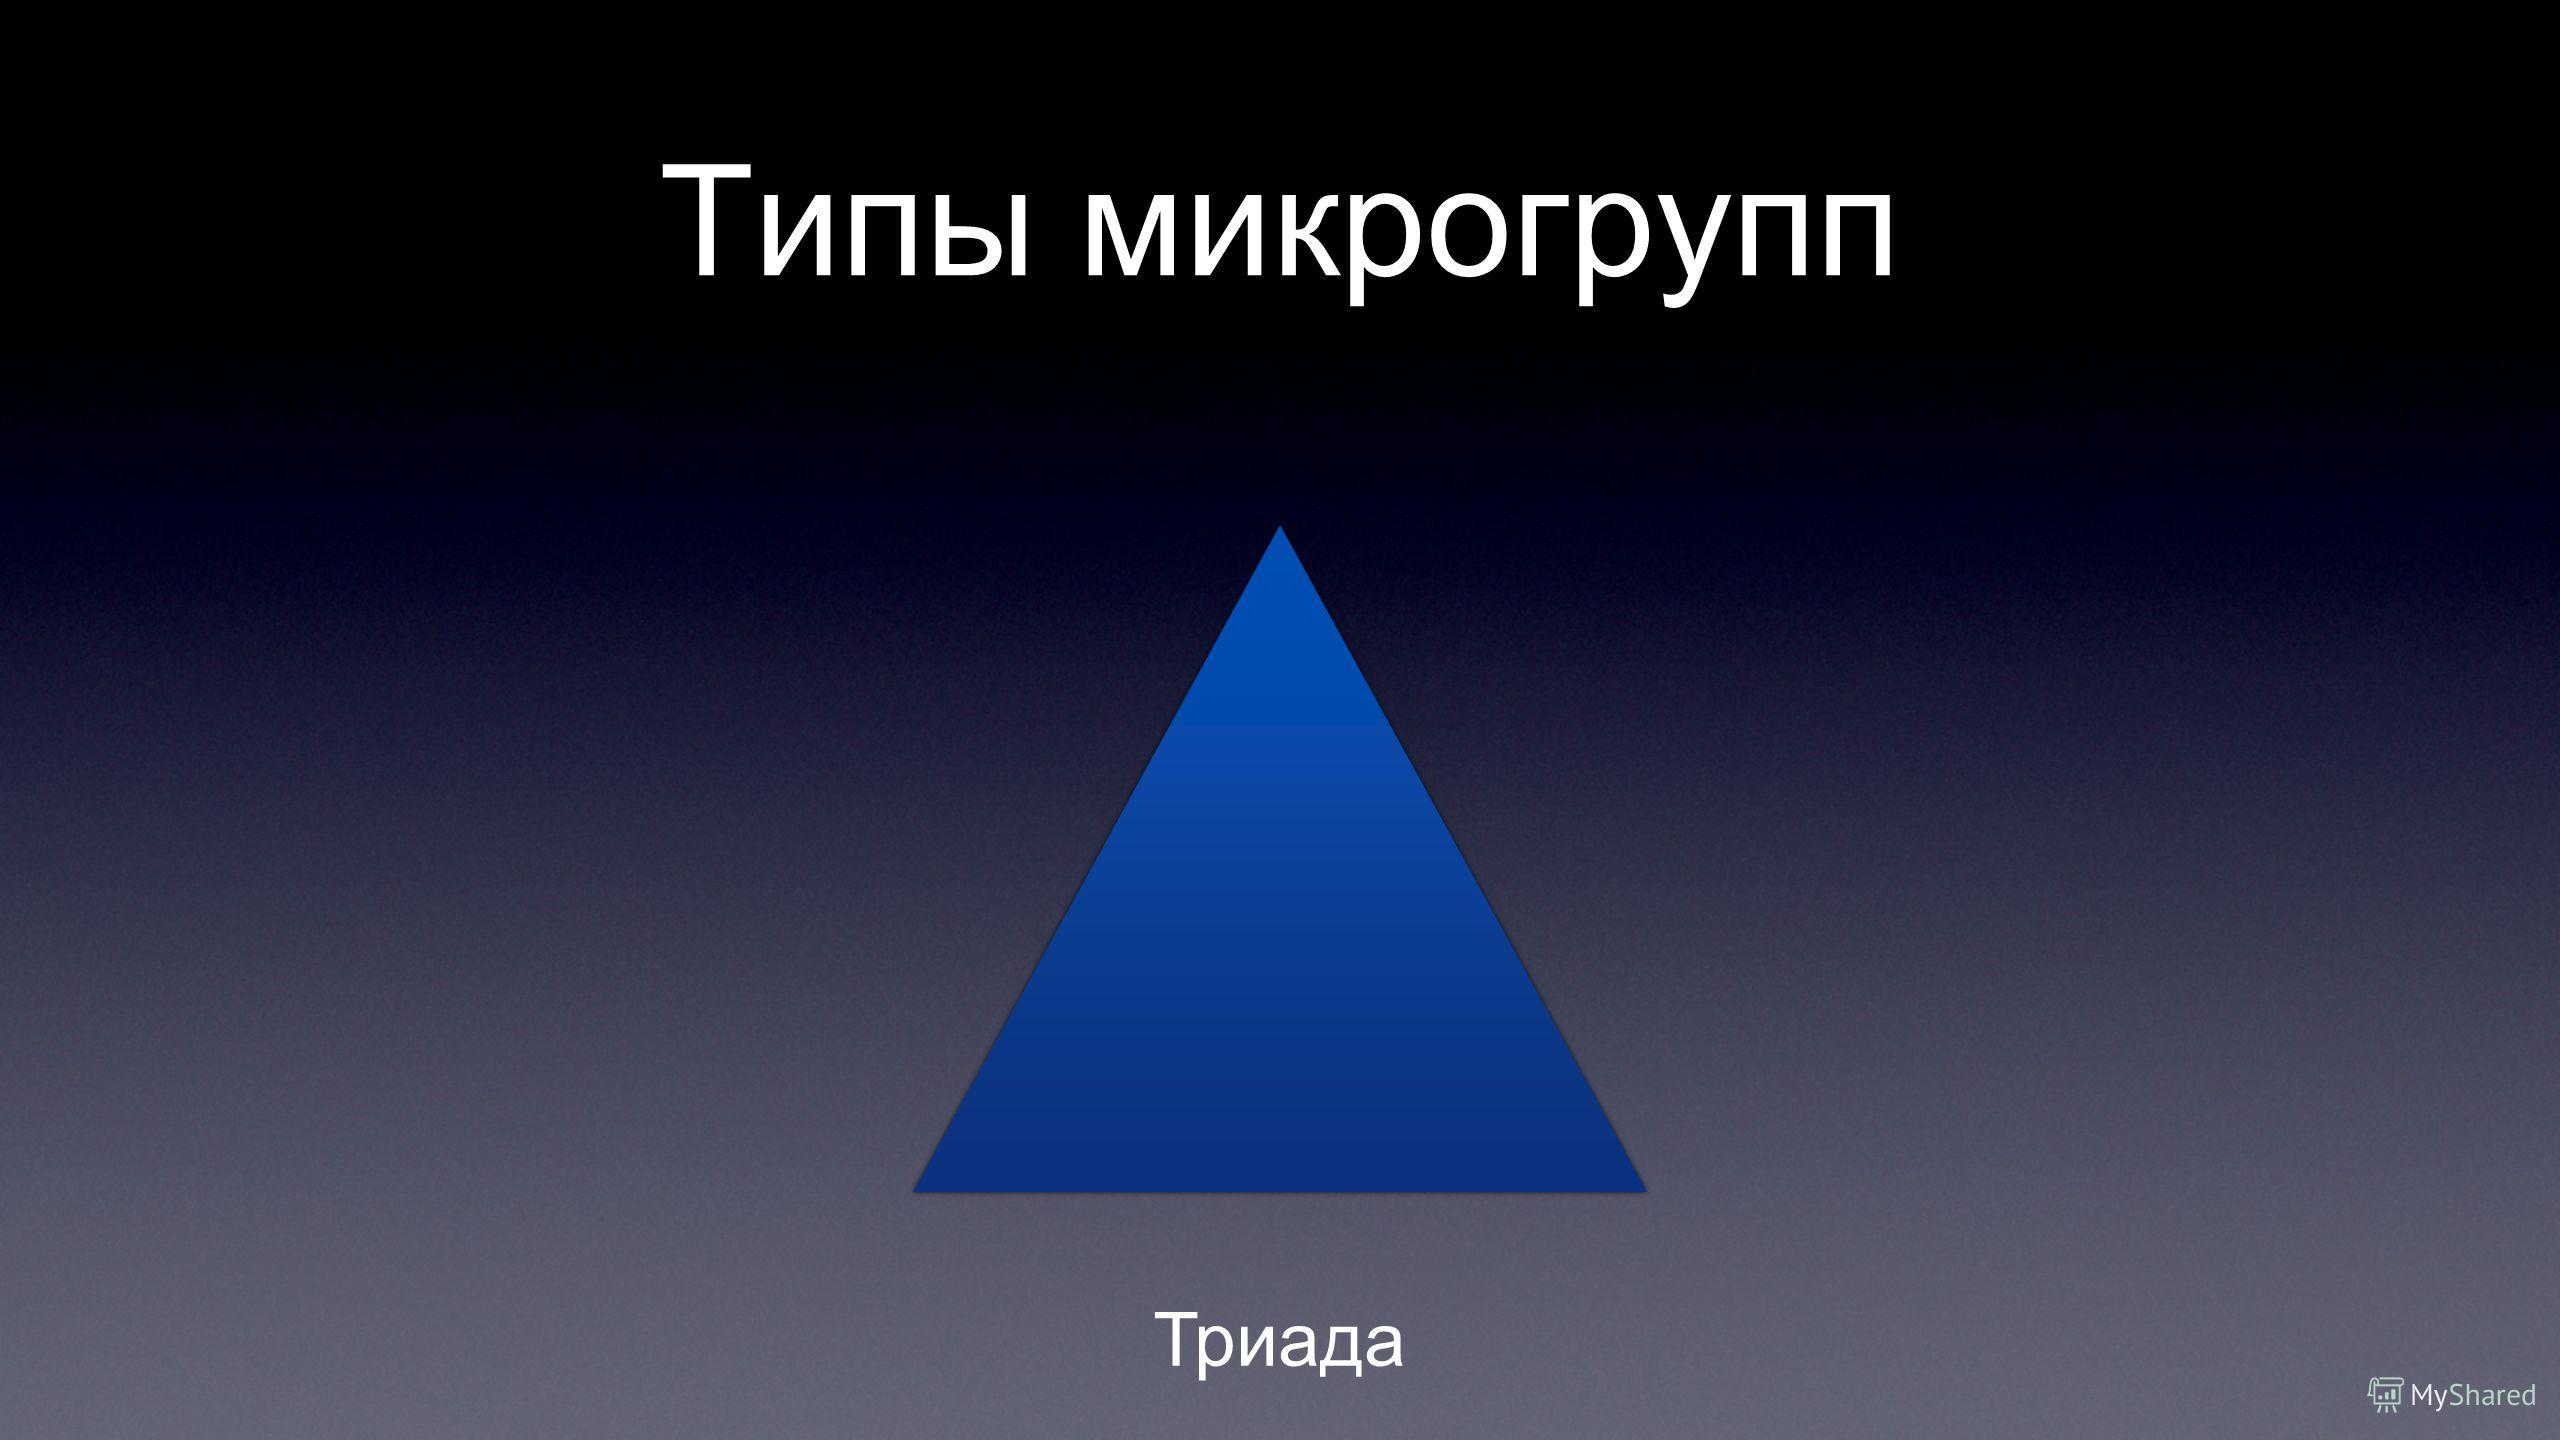 Типы микрогрупп Триада